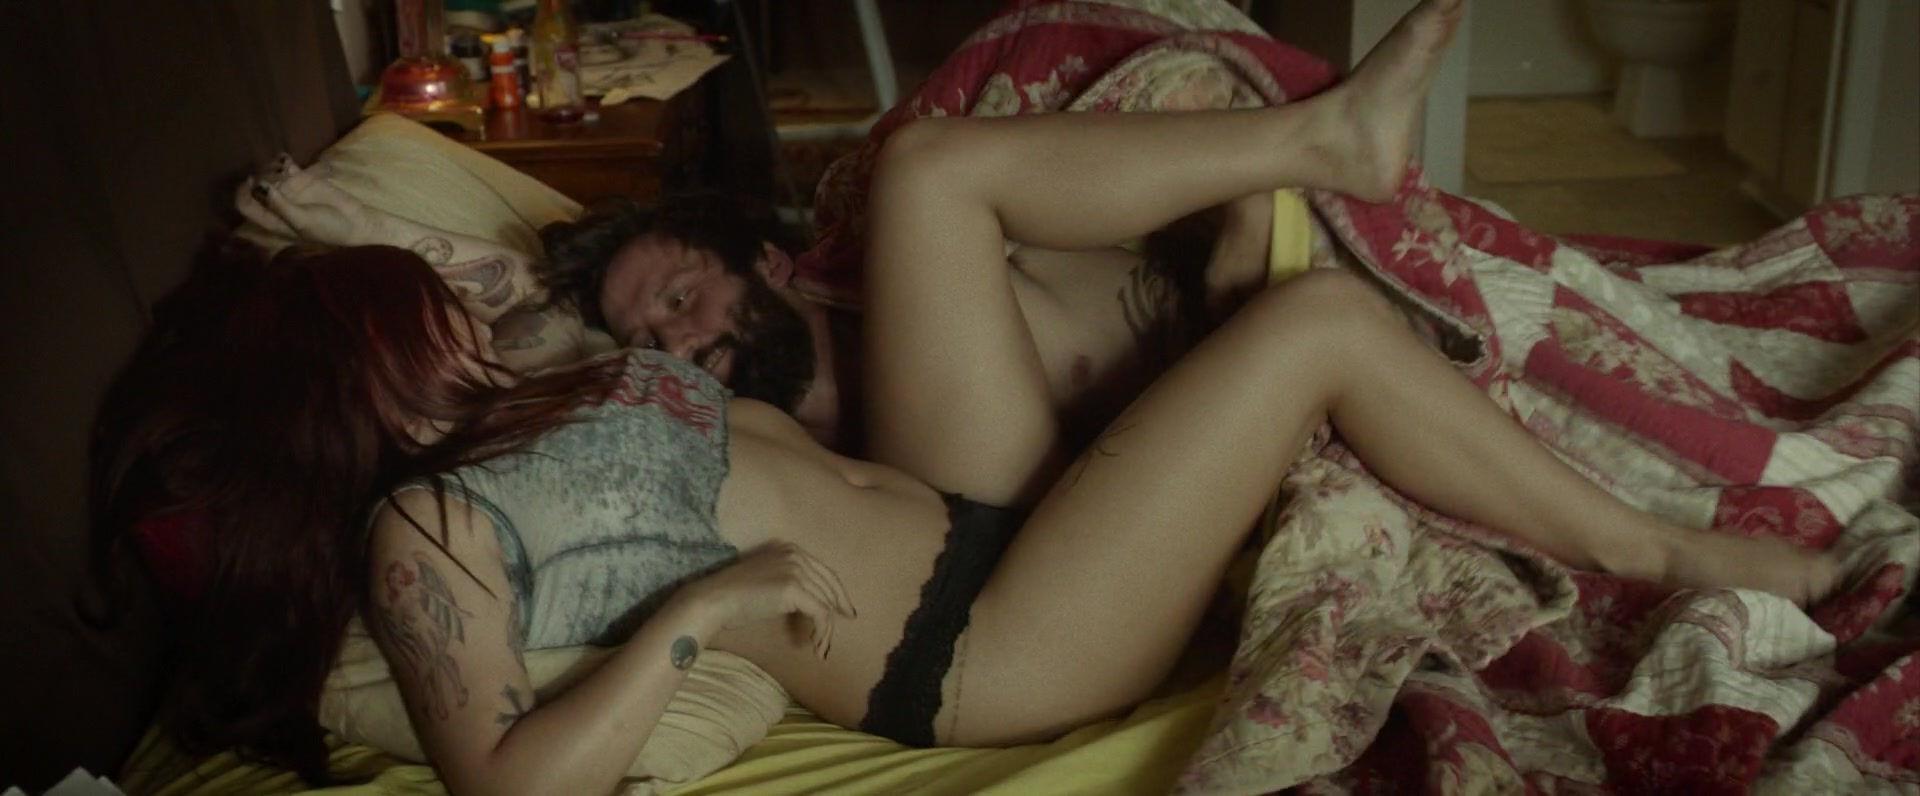 Ariel Winter leaked nude